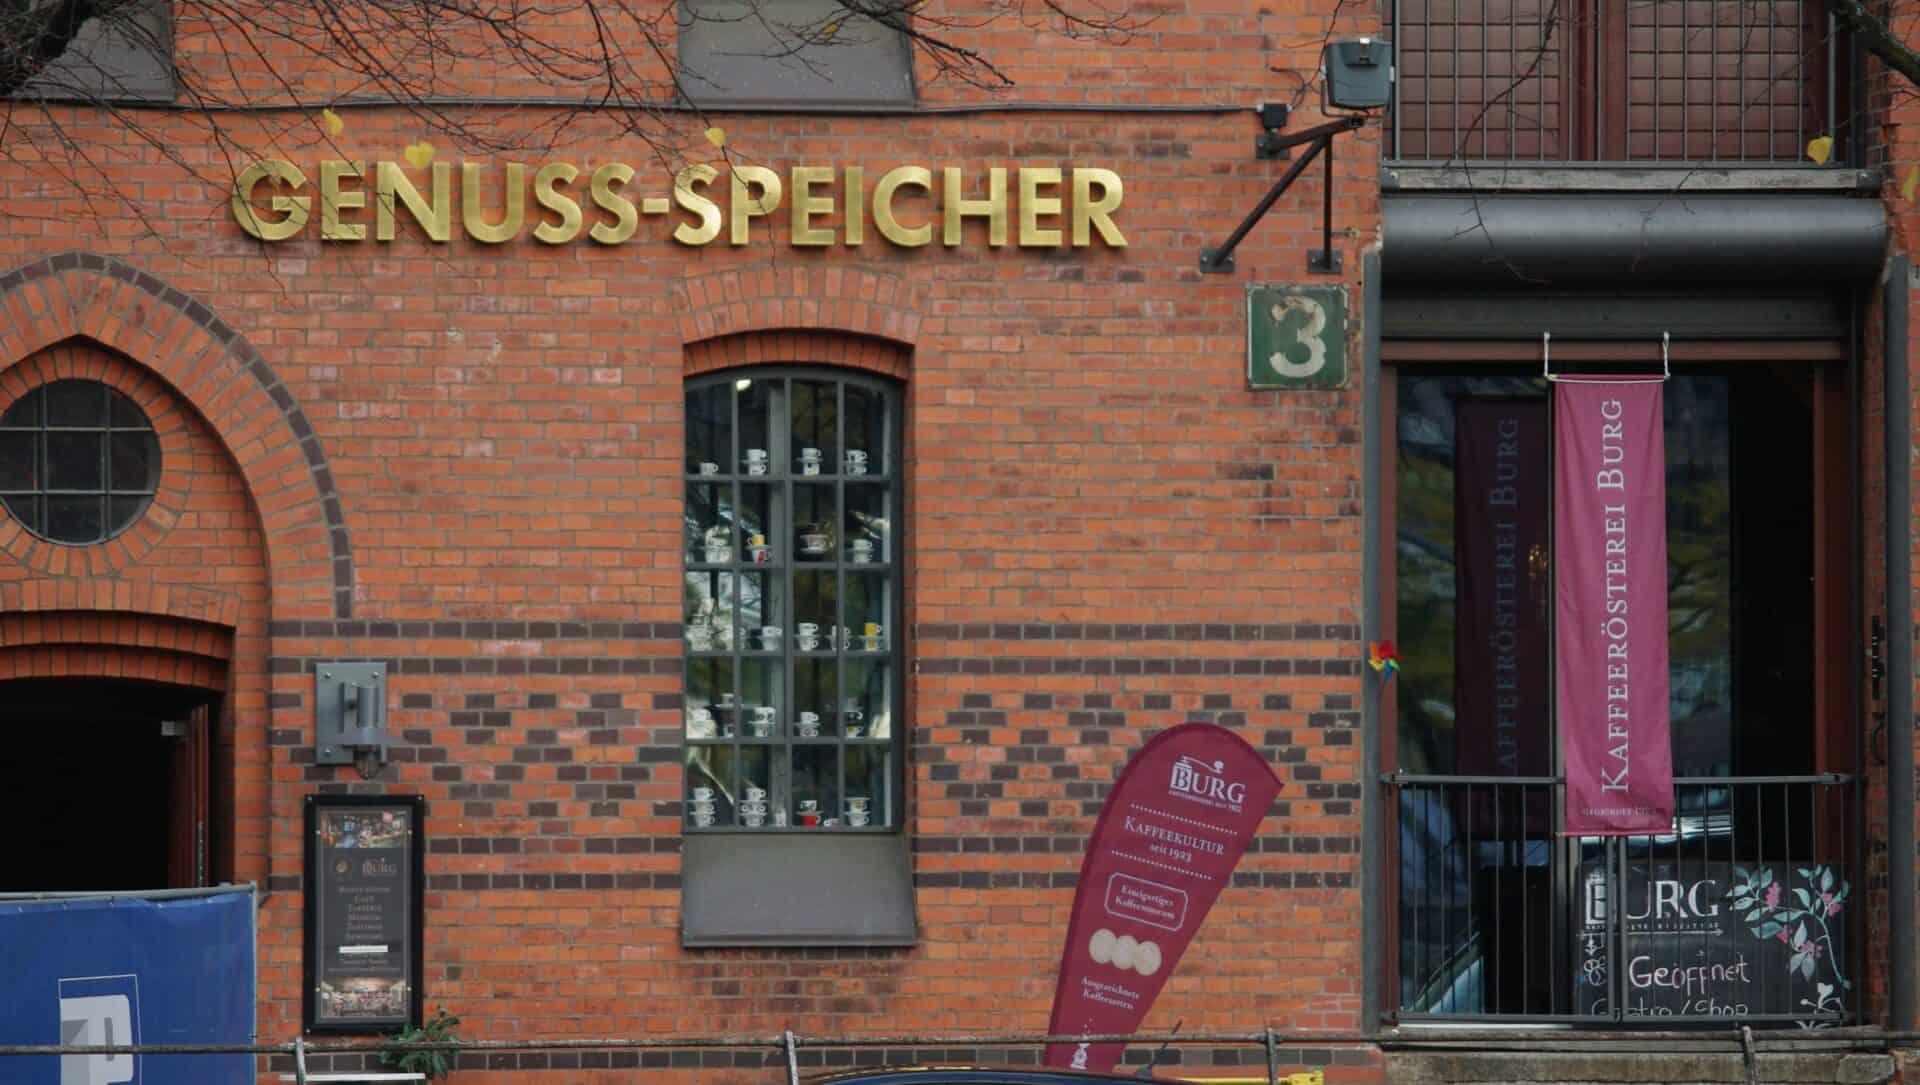 Coffee trade in the Warehouse district - Photo: Jürgen Schlenker